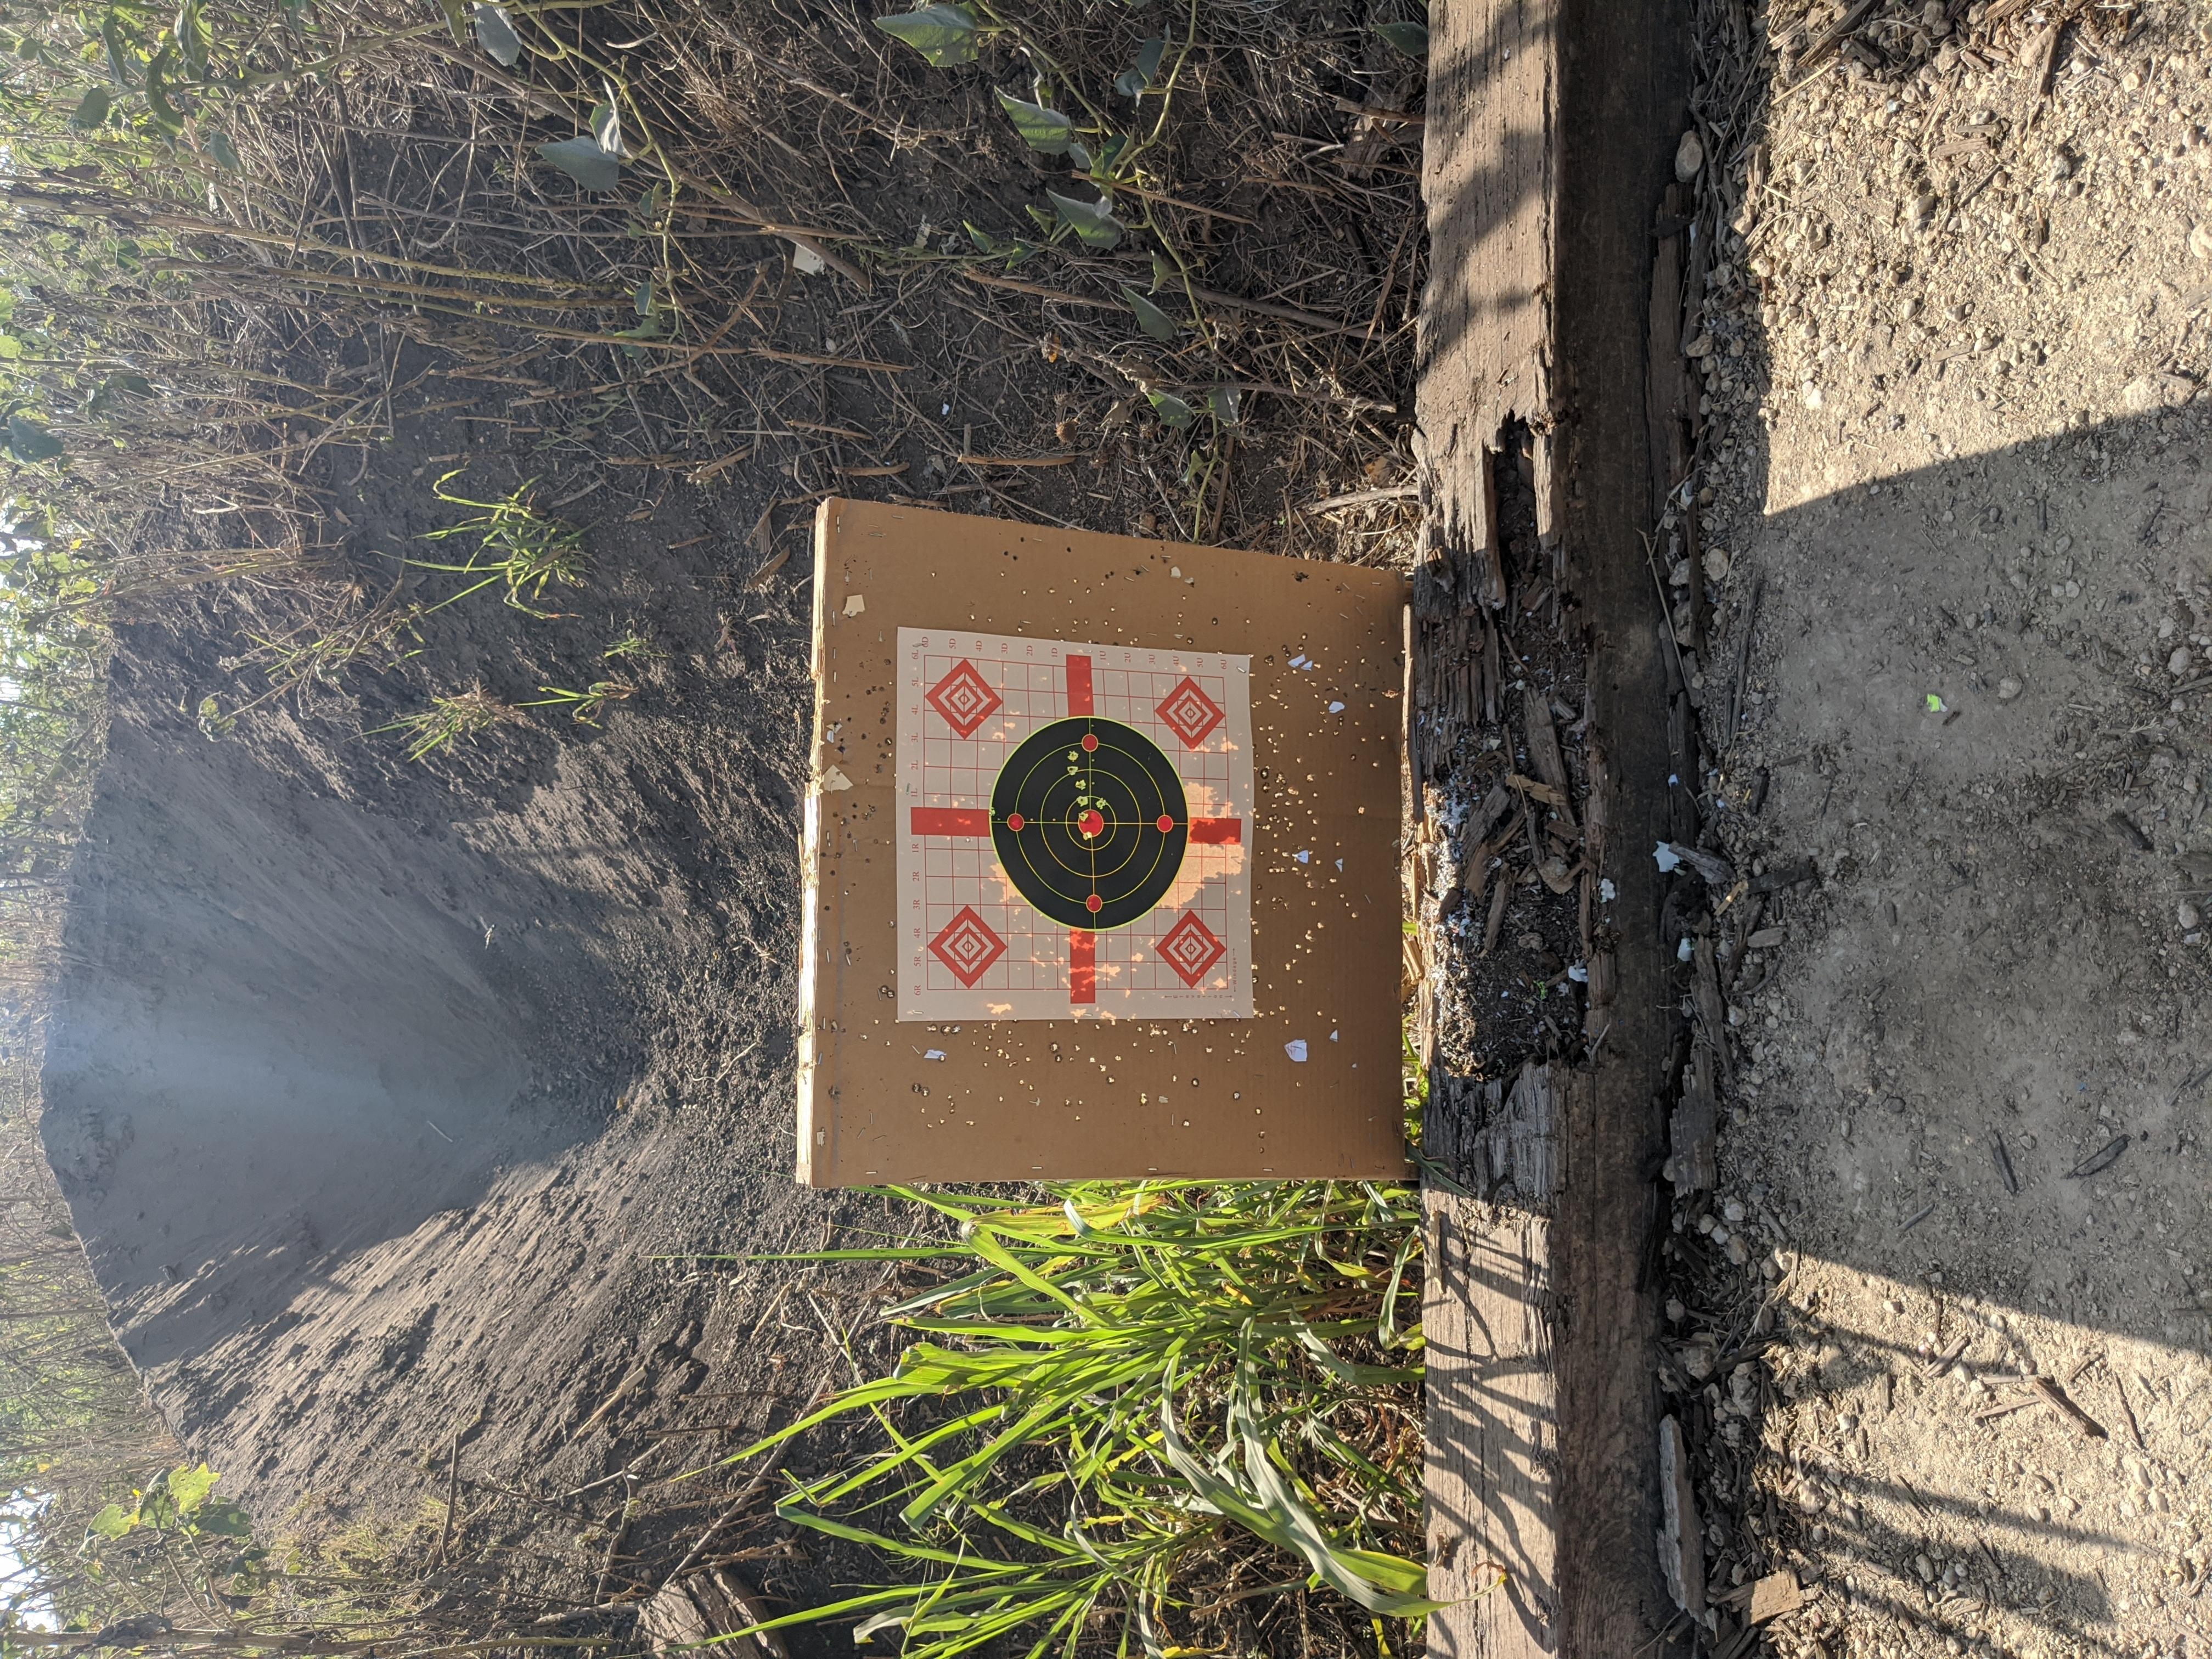 HK 416D First Range Day-img_20200705_092226.jpg